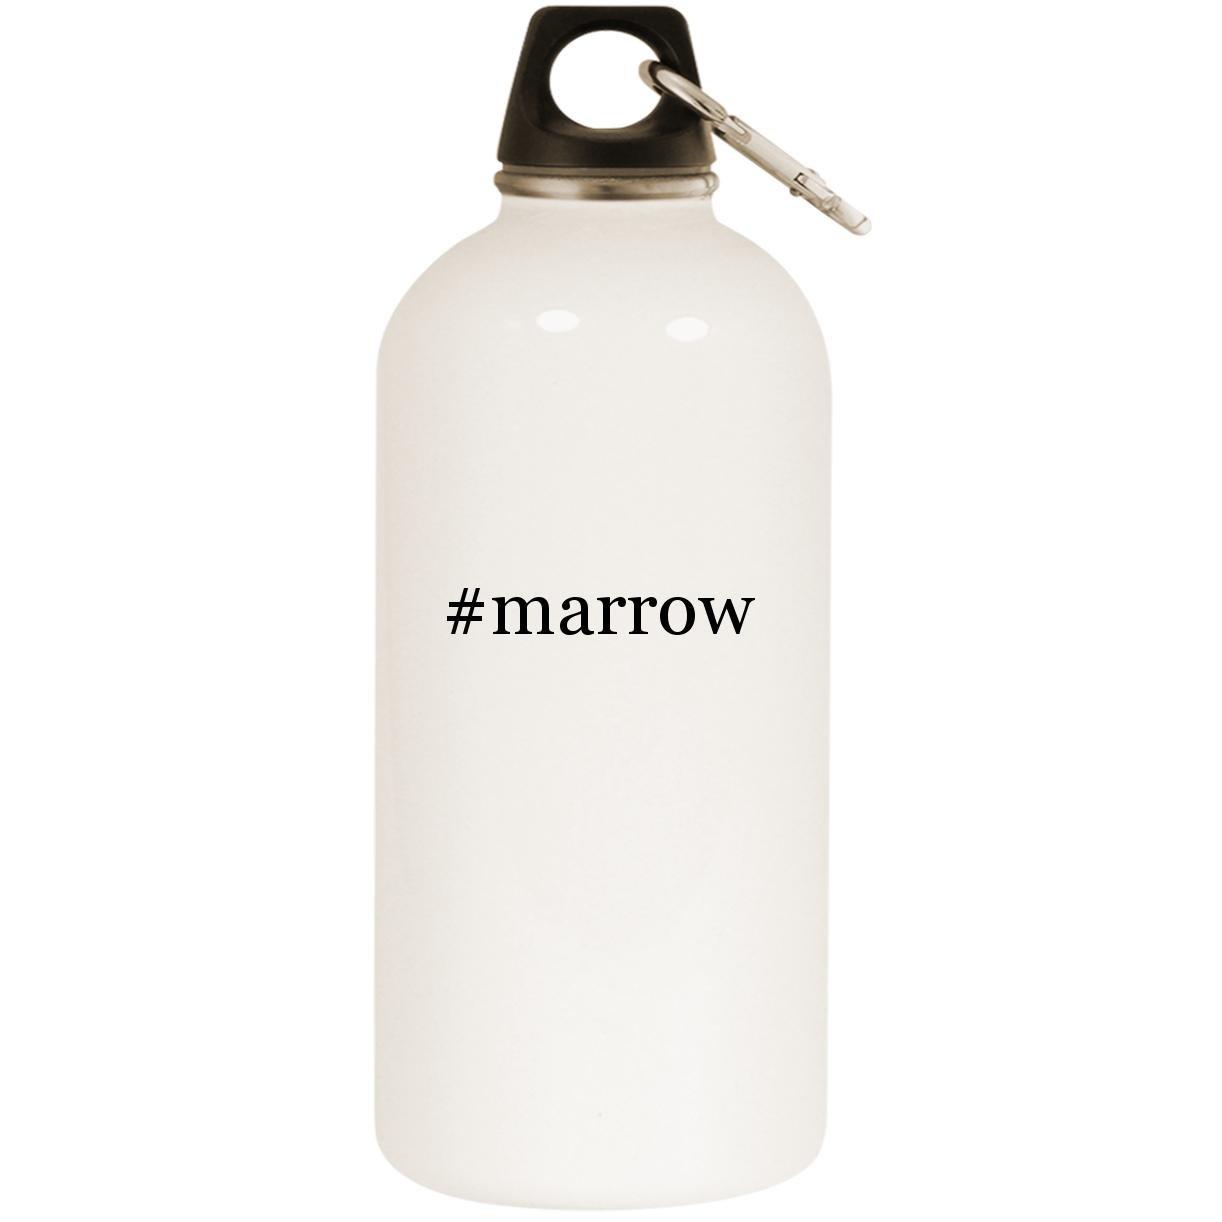 #マロウ – ホワイトハッシュタグ20ozステンレススチールウォーターボトルカラビナ B0741XQMX6